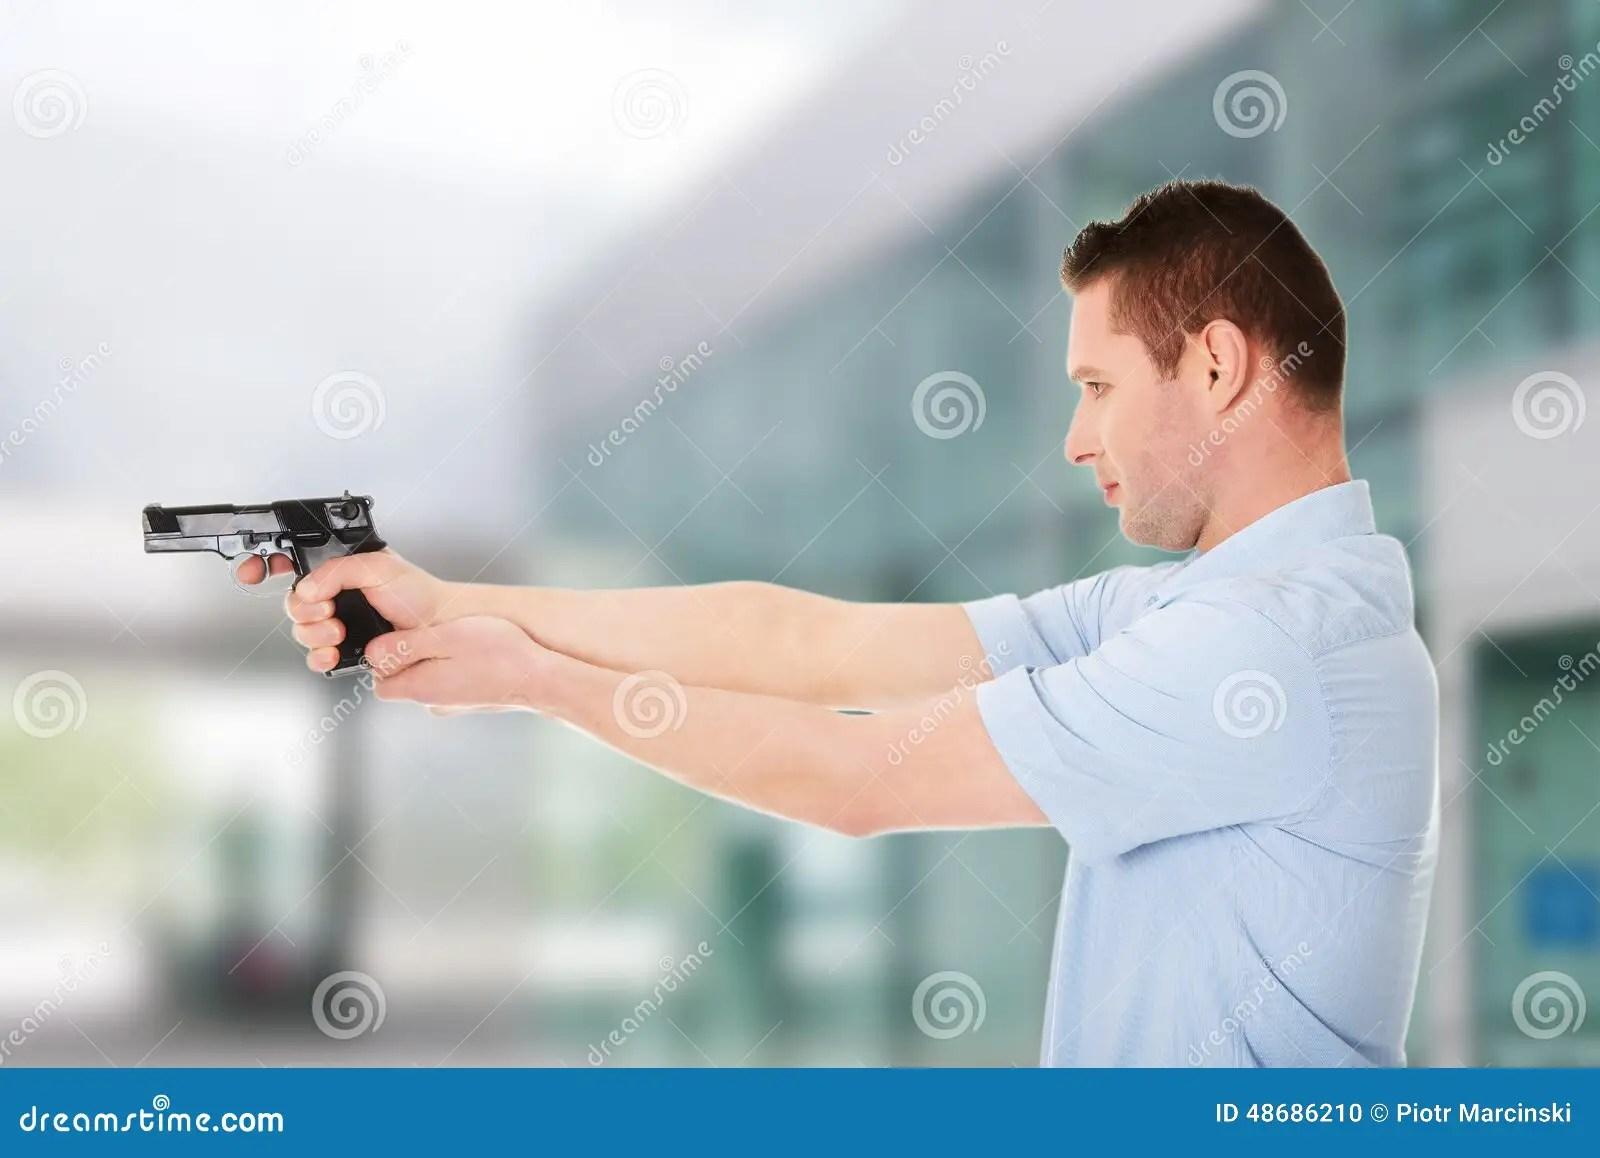 Secret Weapon Service Agent